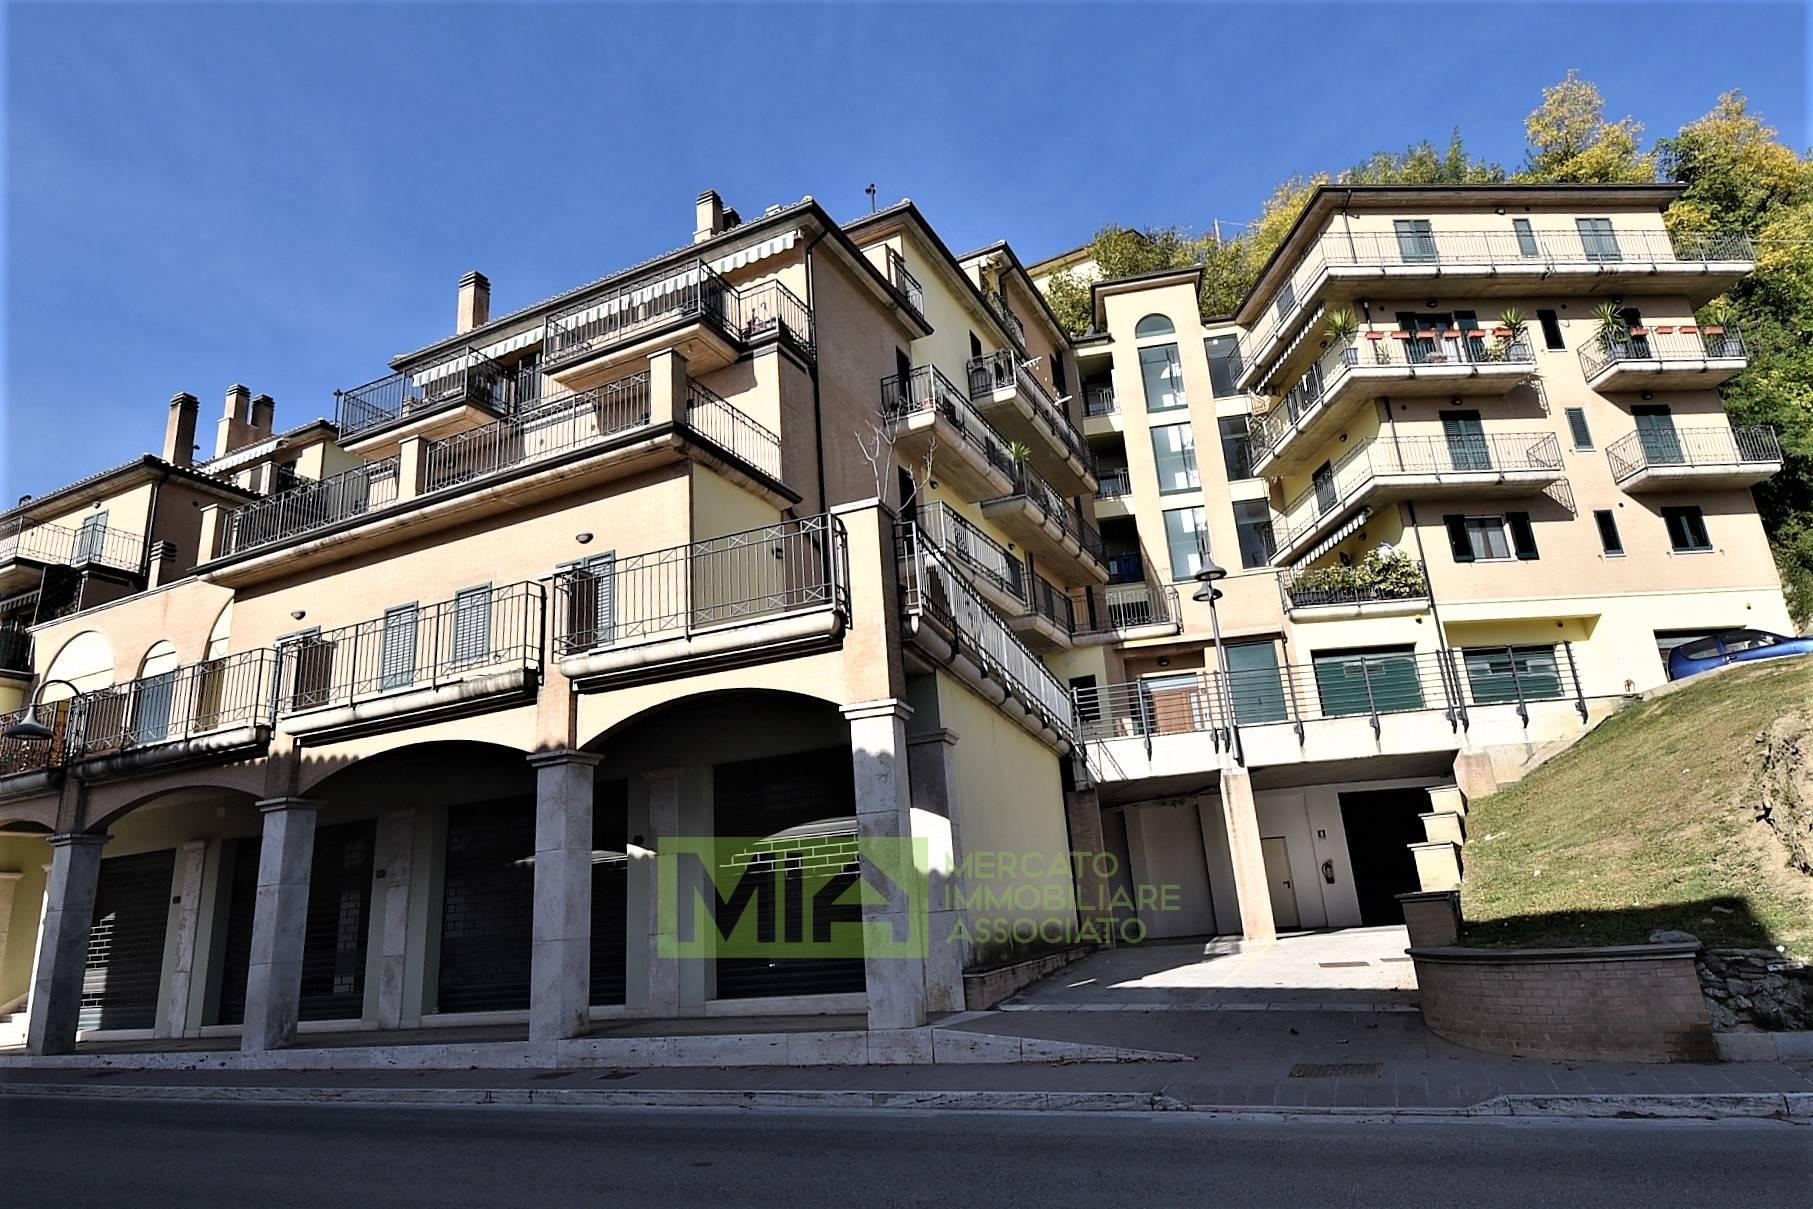 Appartamento in vendita a Amandola, 6 locali, zona Località: Centro, prezzo € 128.000   PortaleAgenzieImmobiliari.it